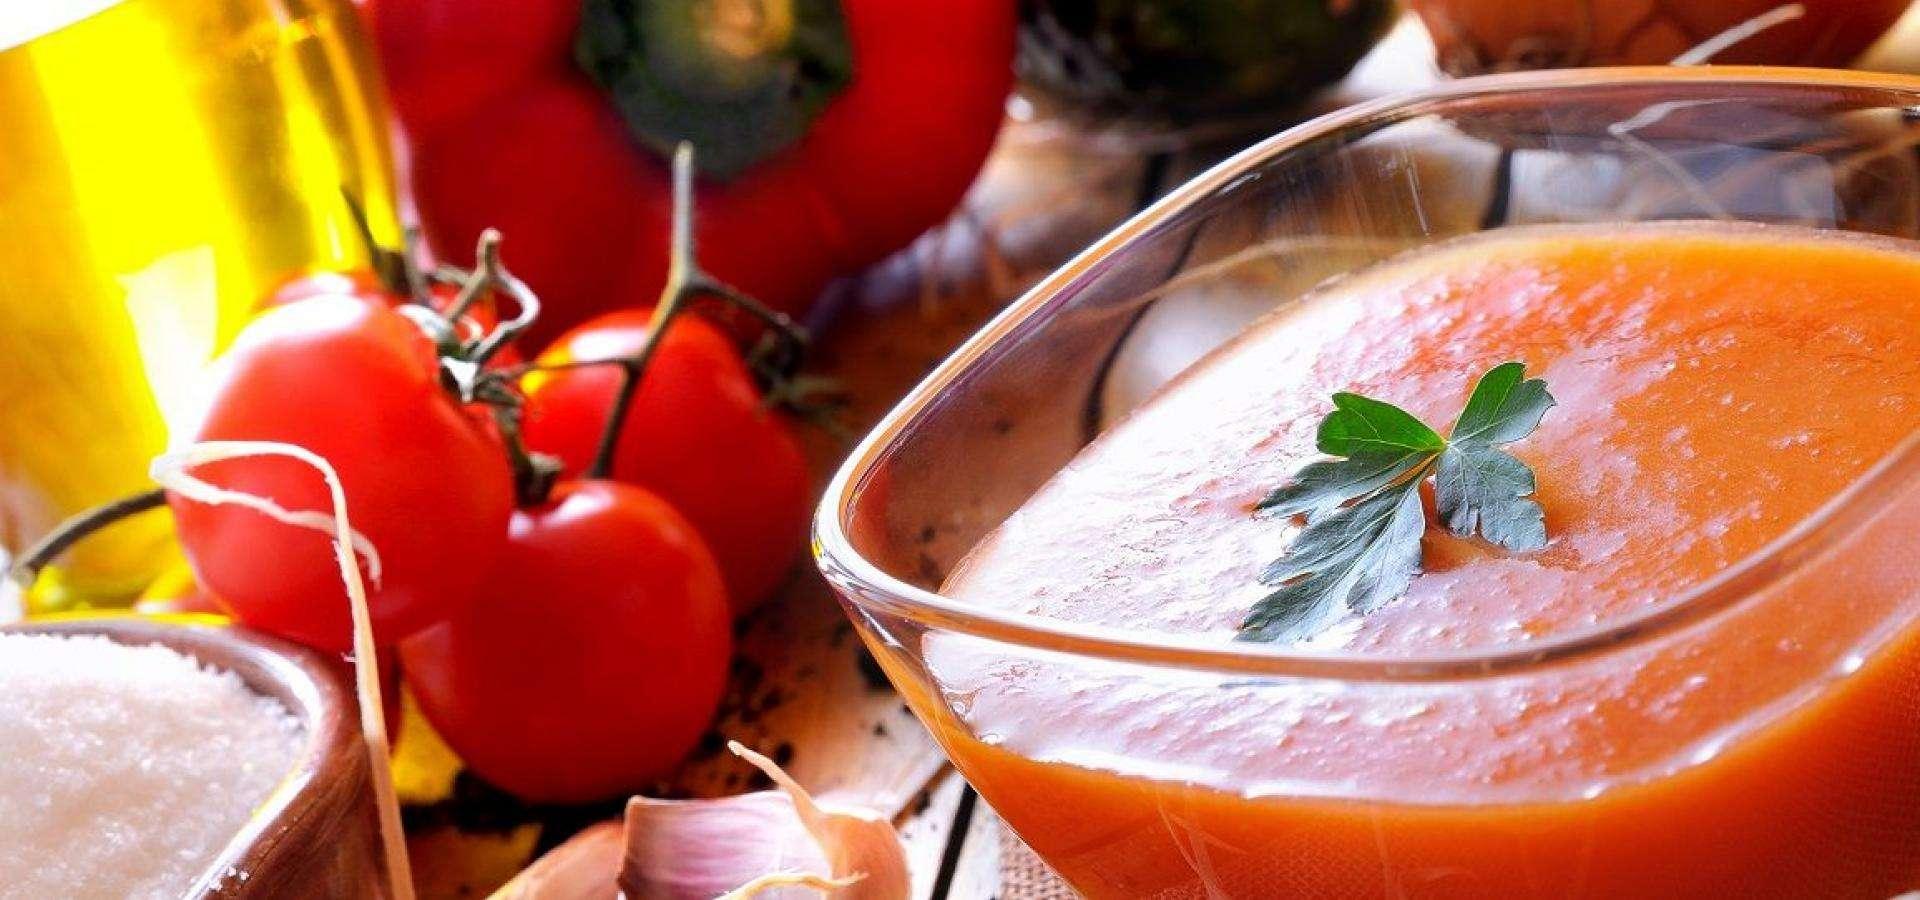 Receta de gazpacho con pepino